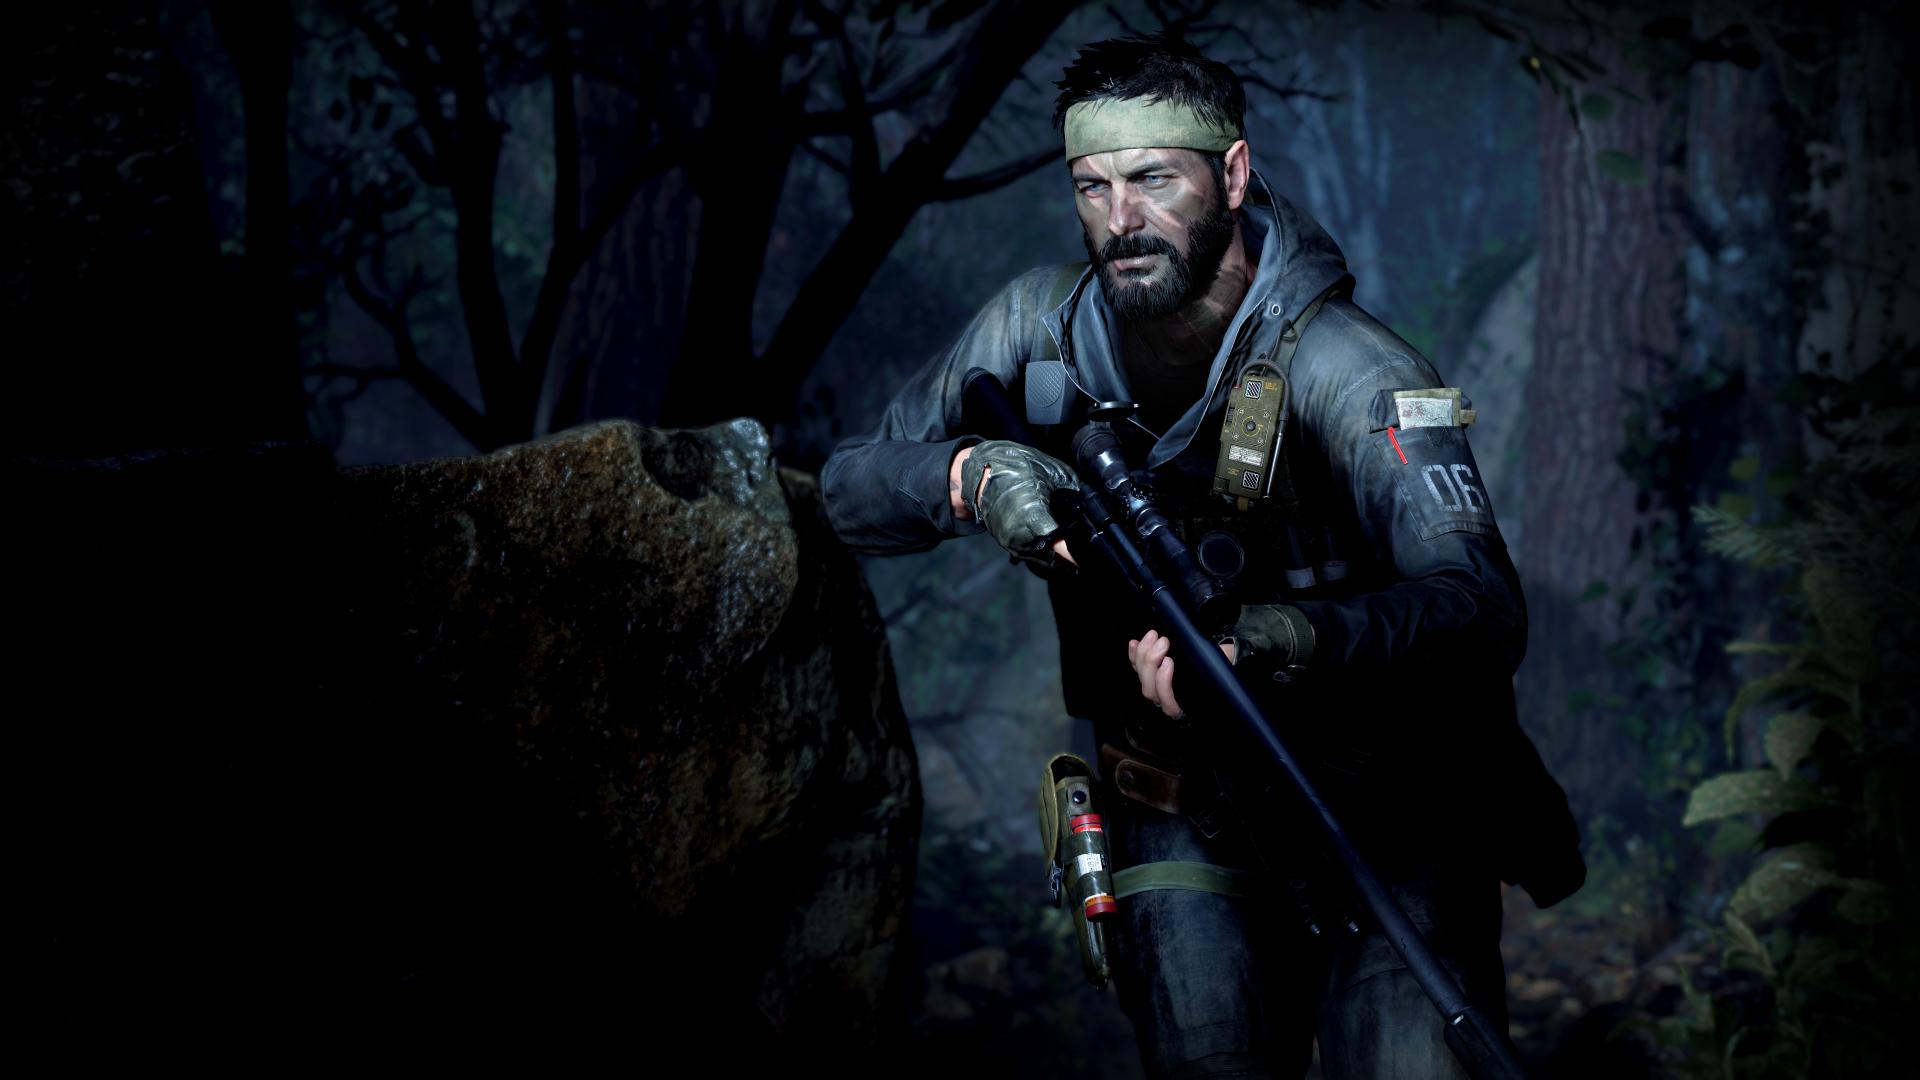 Dojmy z hraní - Call of Duty: Black Ops Cold War image011